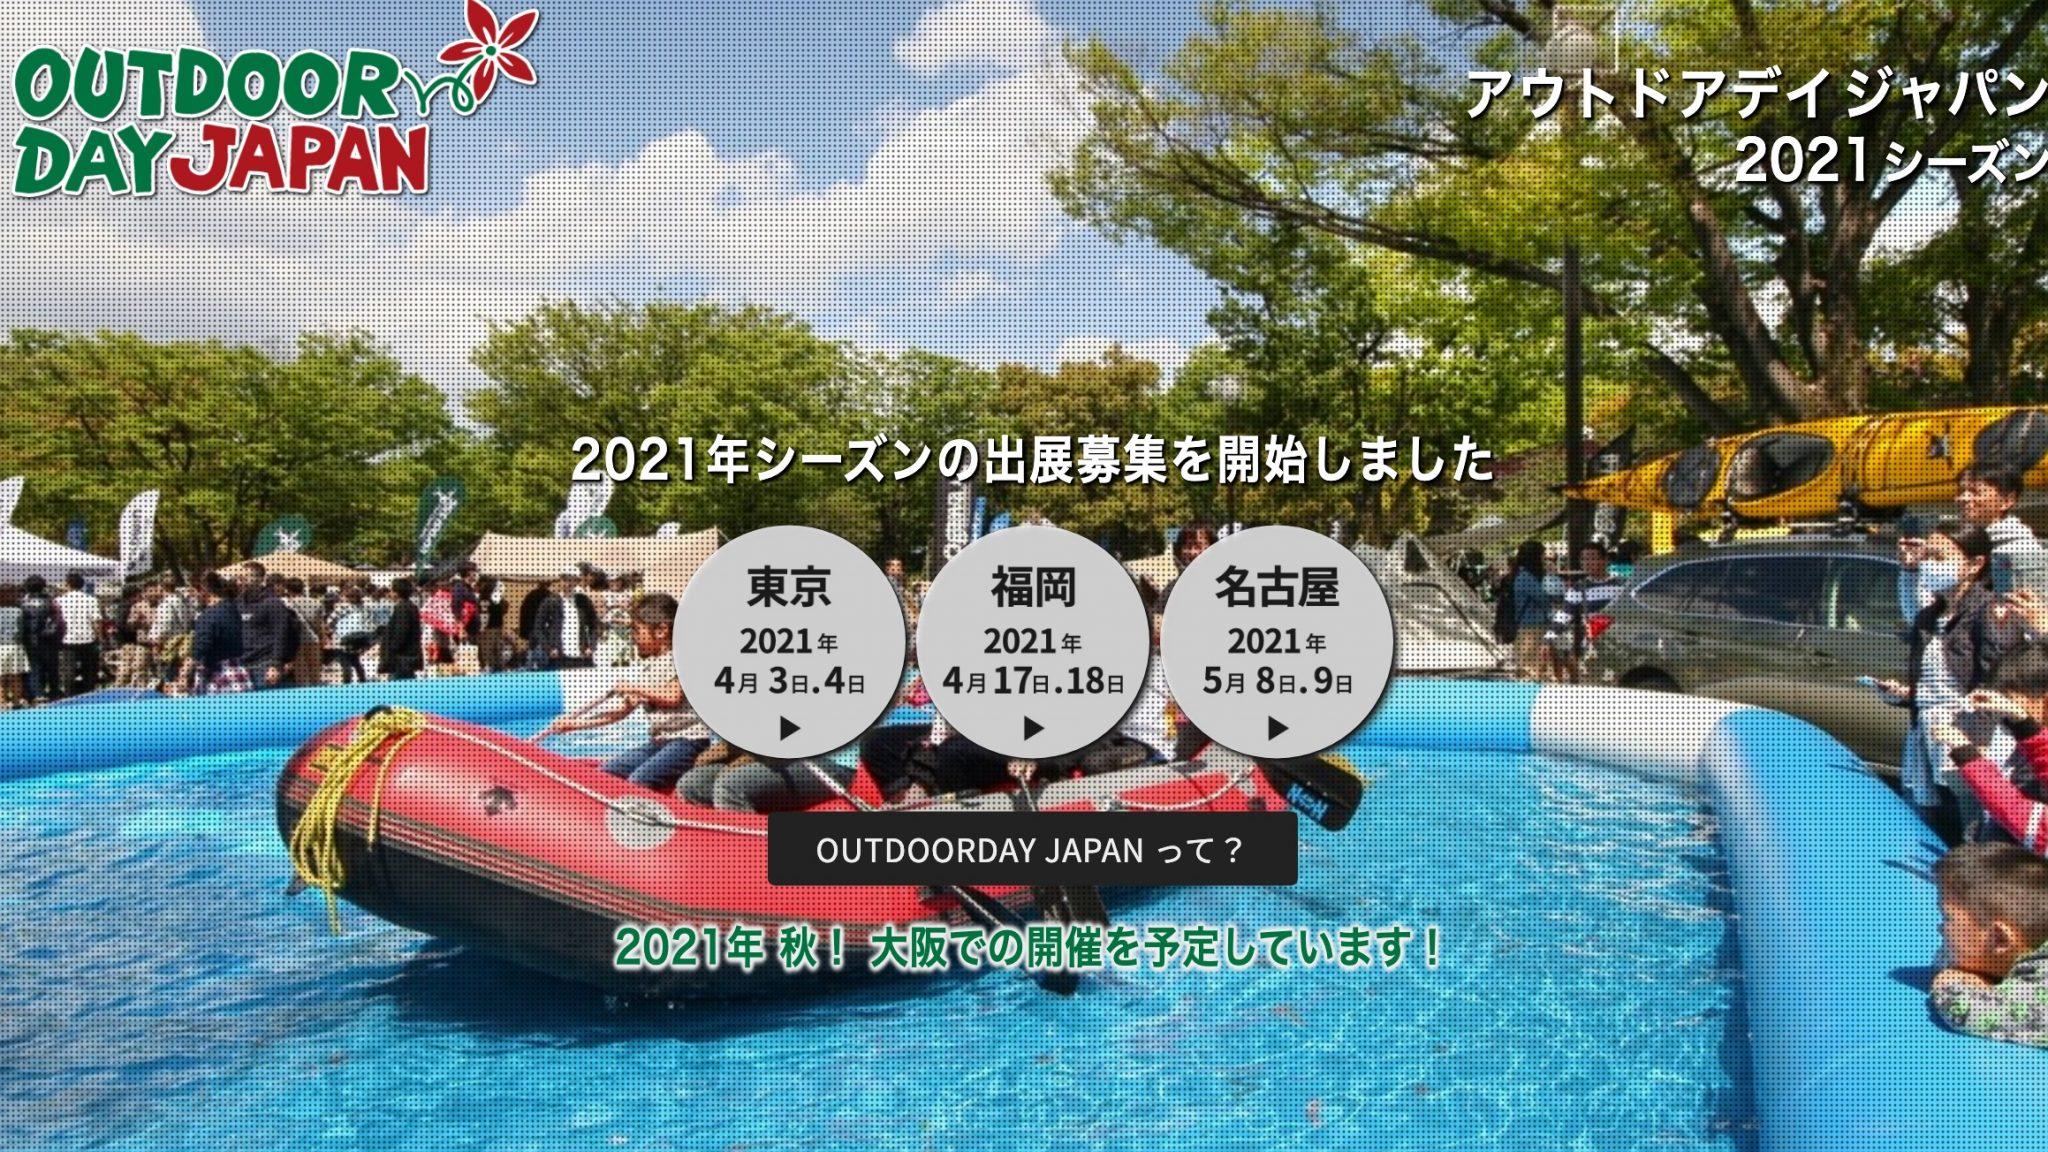 アウトドアデイジャパン